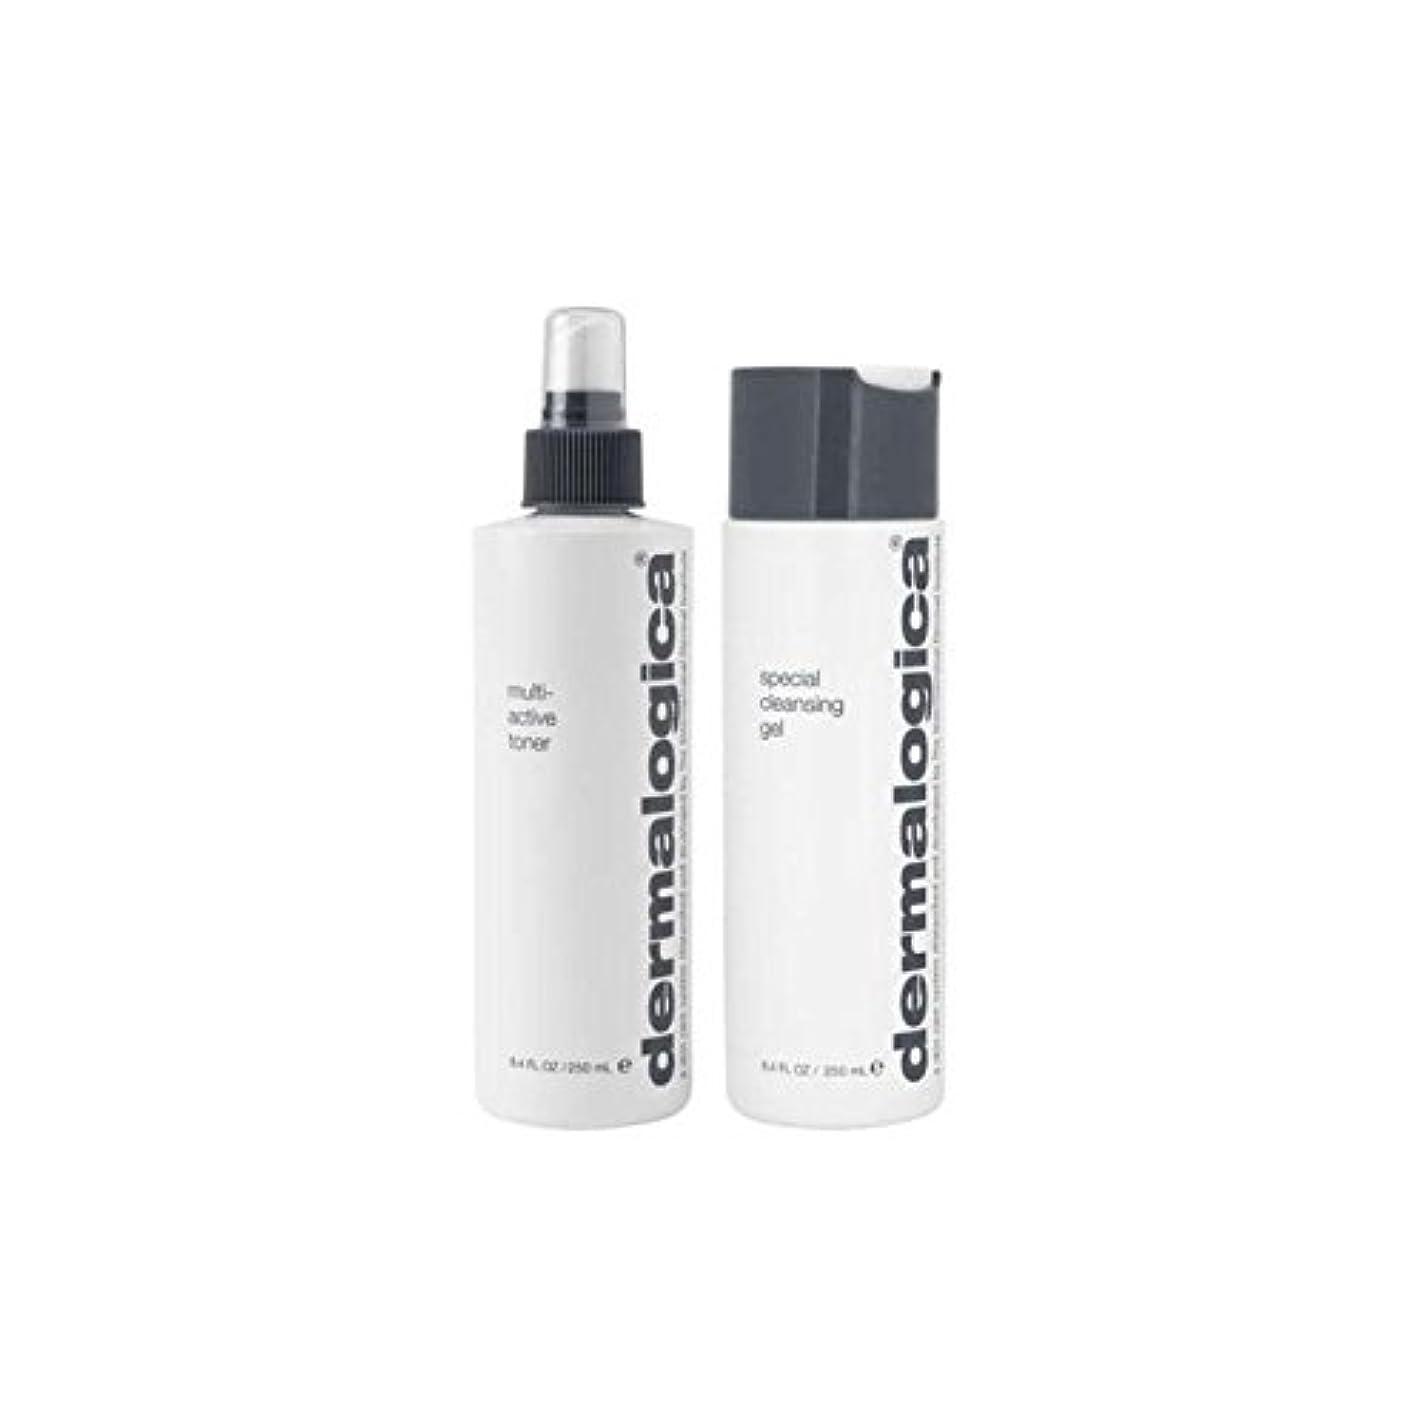 アッパーレタス出費ダーマロジカクレンジング&トーンデュオ - ノーマル/ドライスキン(2製品) x4 - Dermalogica Cleanse & Tone Duo - Normal/Dry Skin (2 Products) (Pack of 4) [並行輸入品]